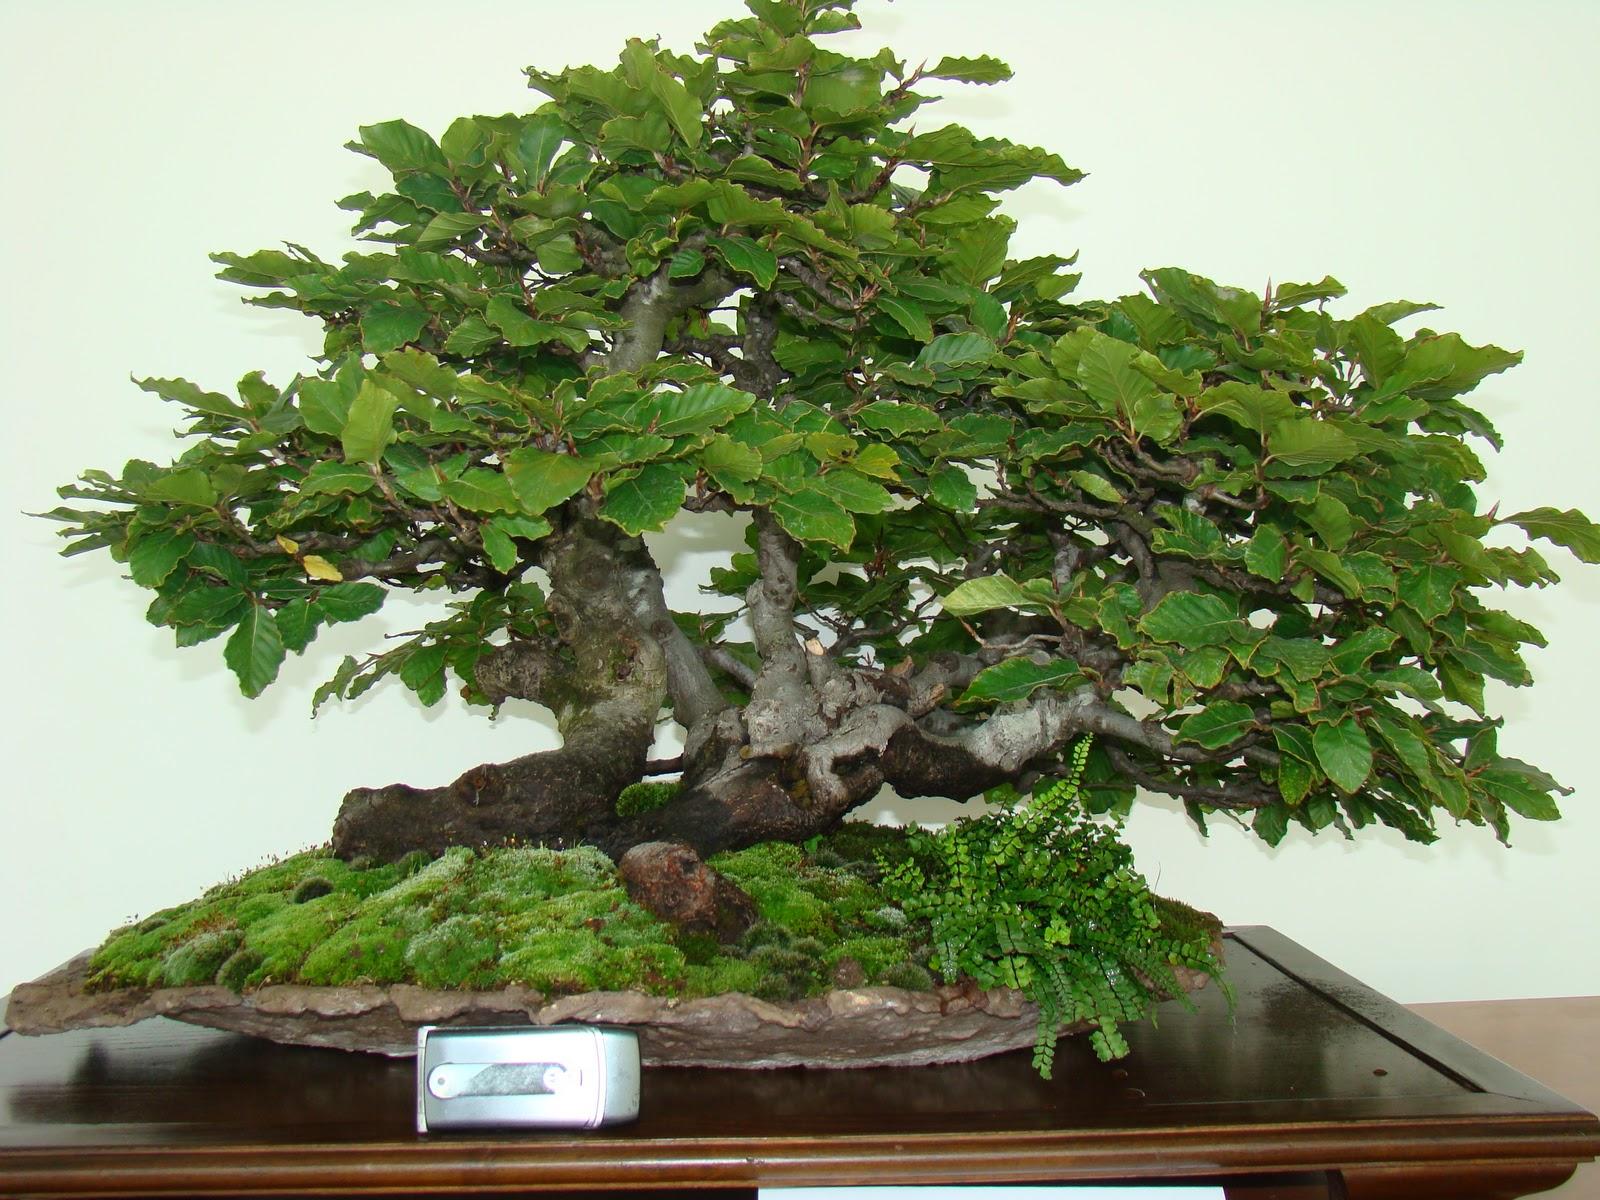 Tierra y agua bonsais en el centro niemeyer - Tierra para bonsais ...